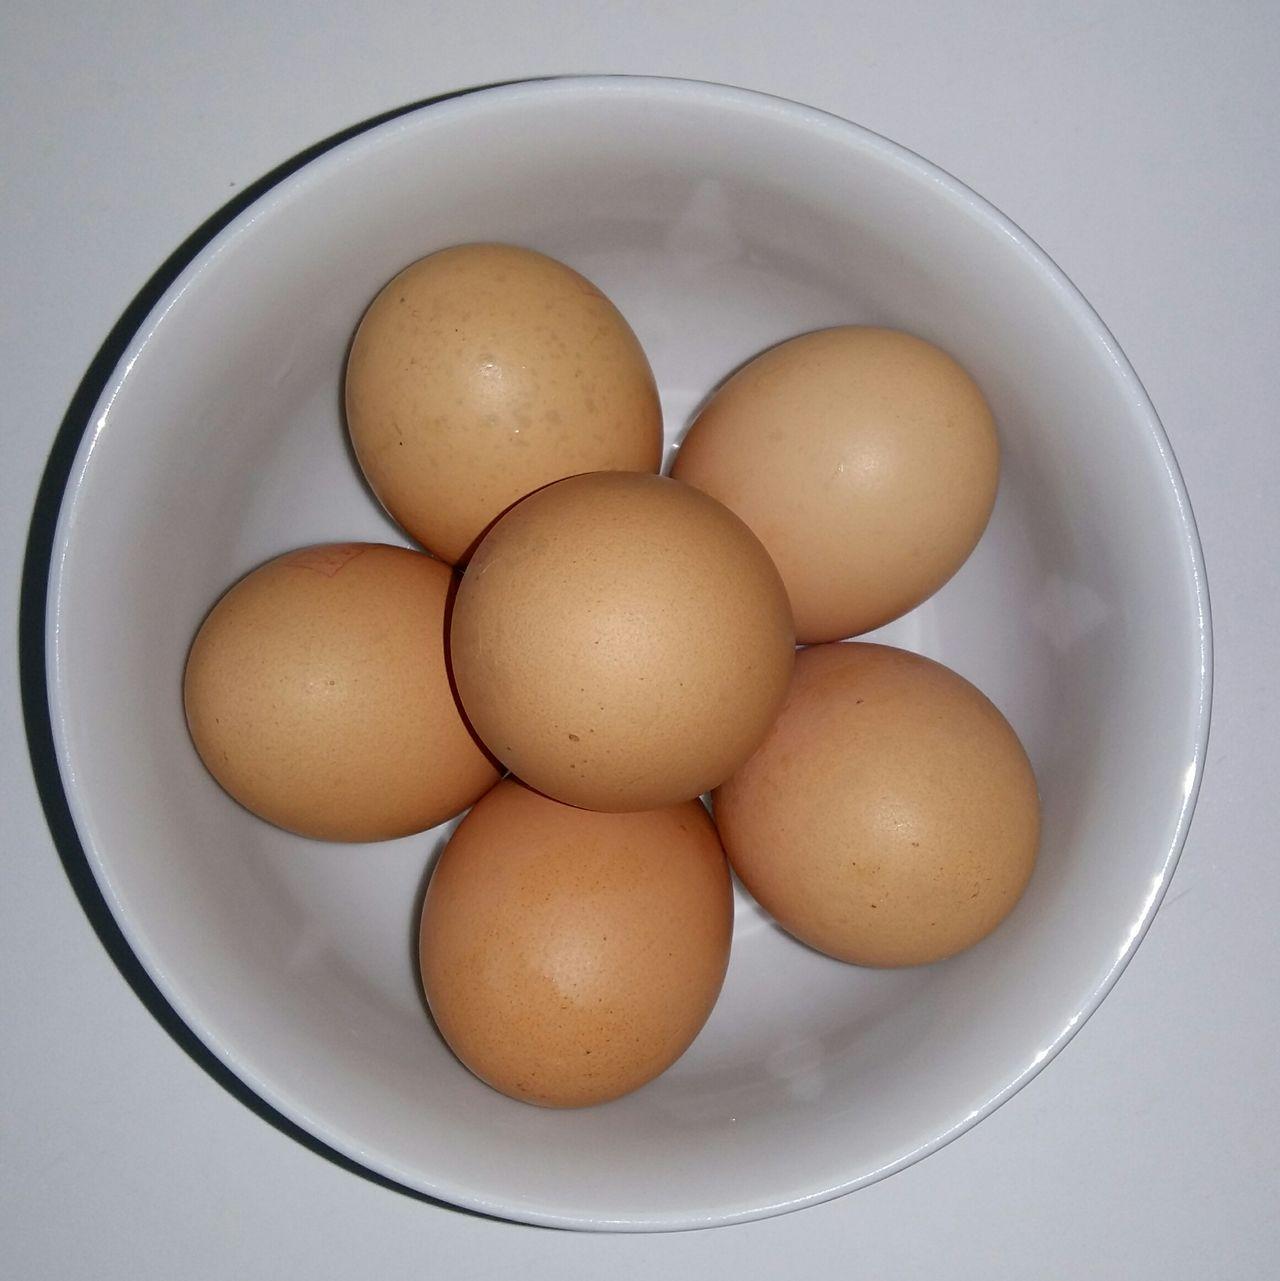 Eggs Half Dozen Six